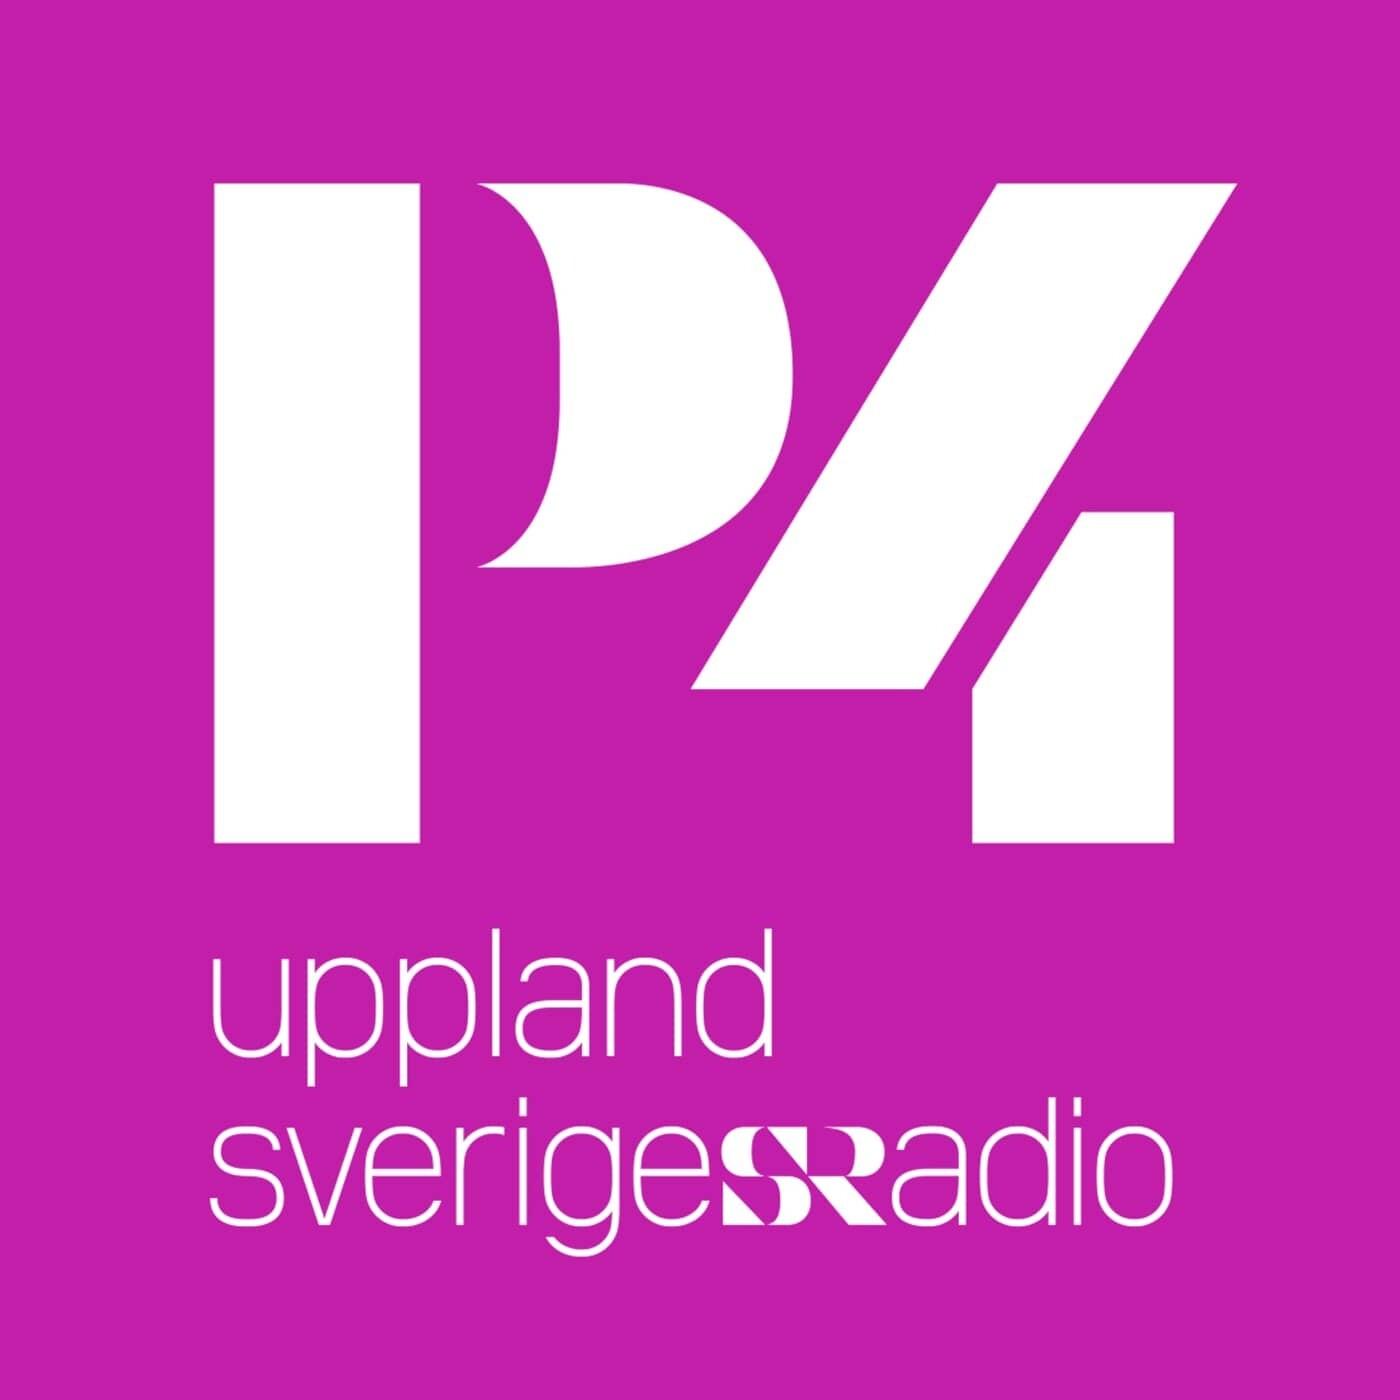 Nyheter P4 Uppland 2020-10-20 kl. 16.30